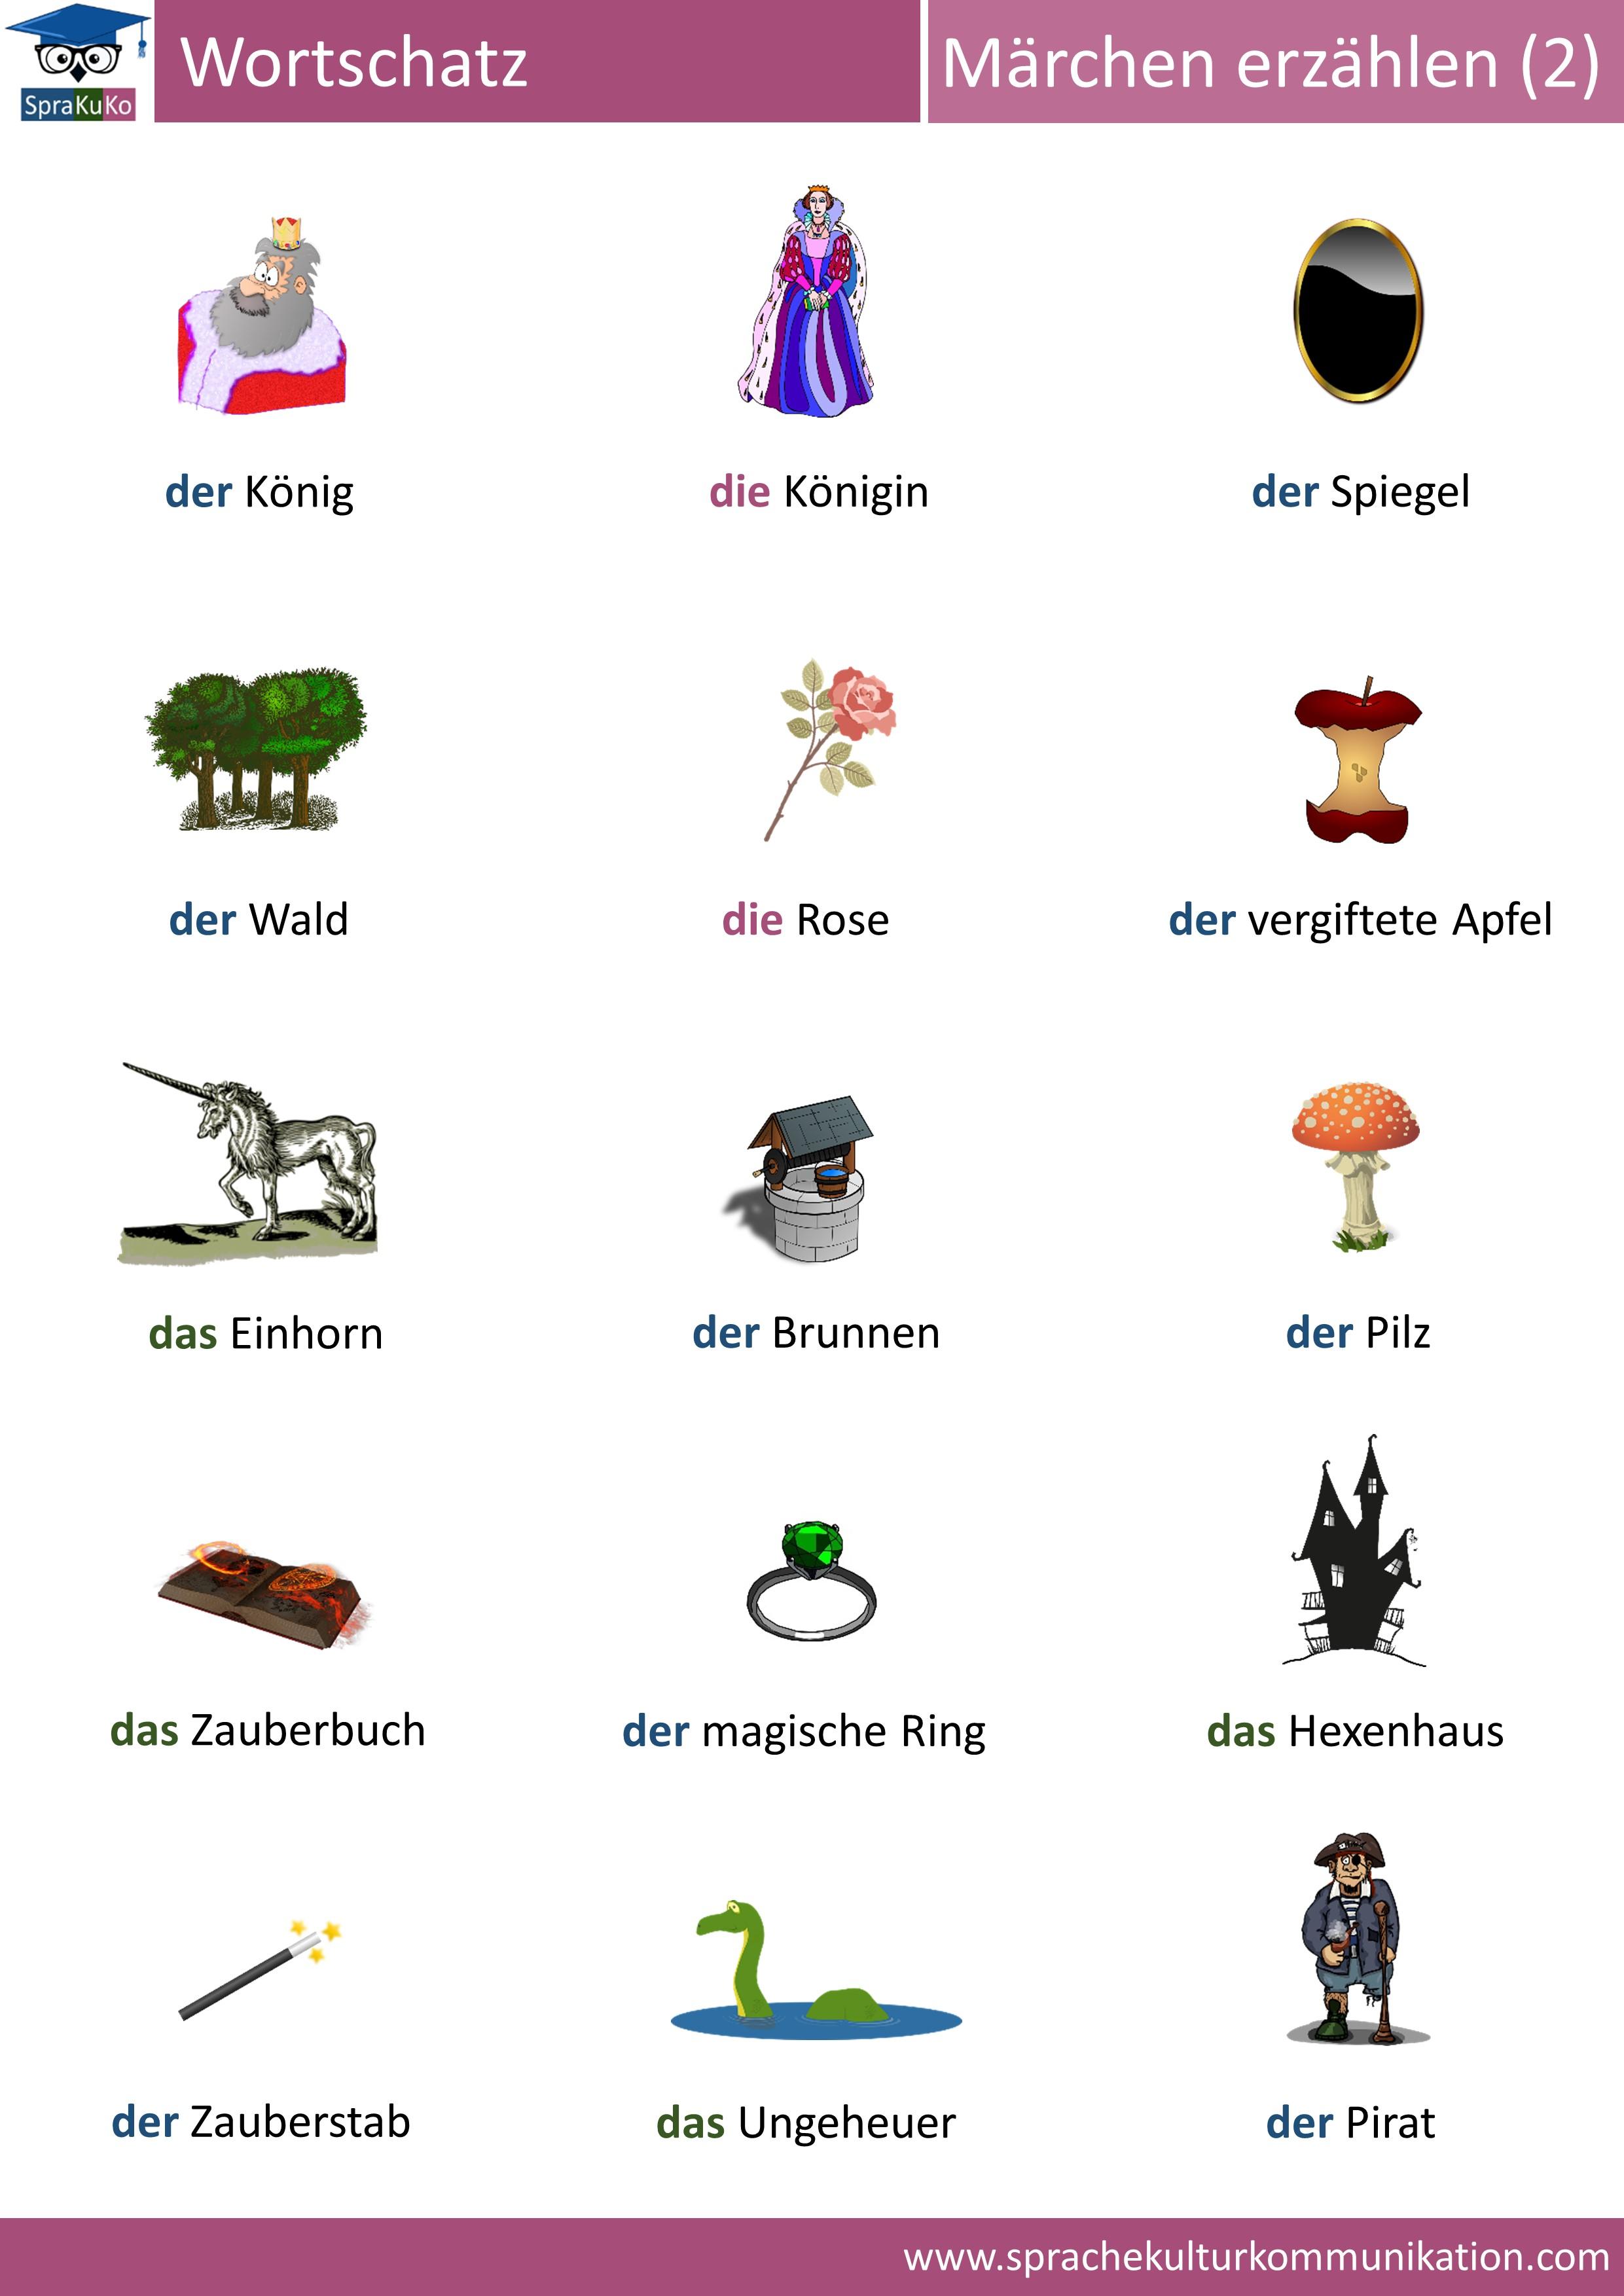 Wortschatz Märchen erzählen Teil 2